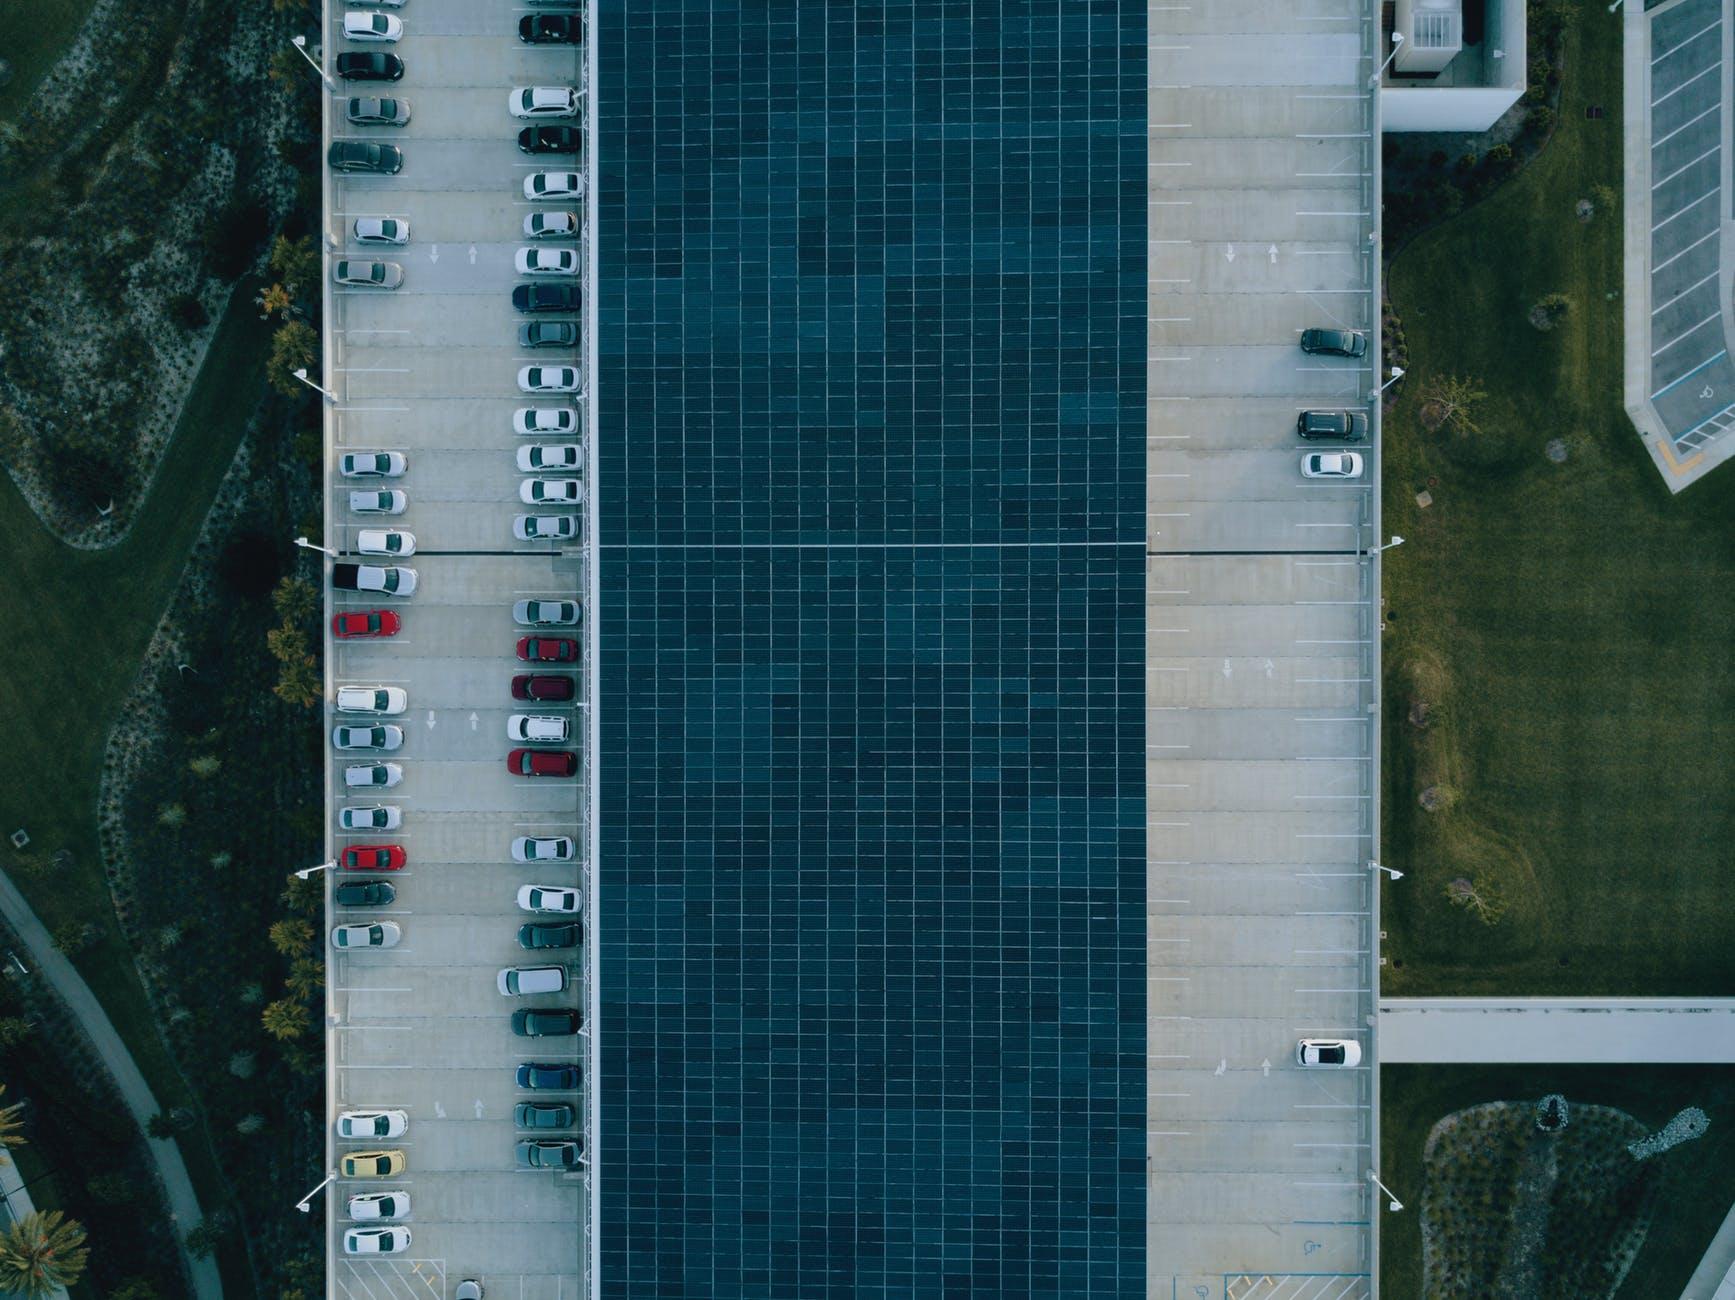 IoT in Parking